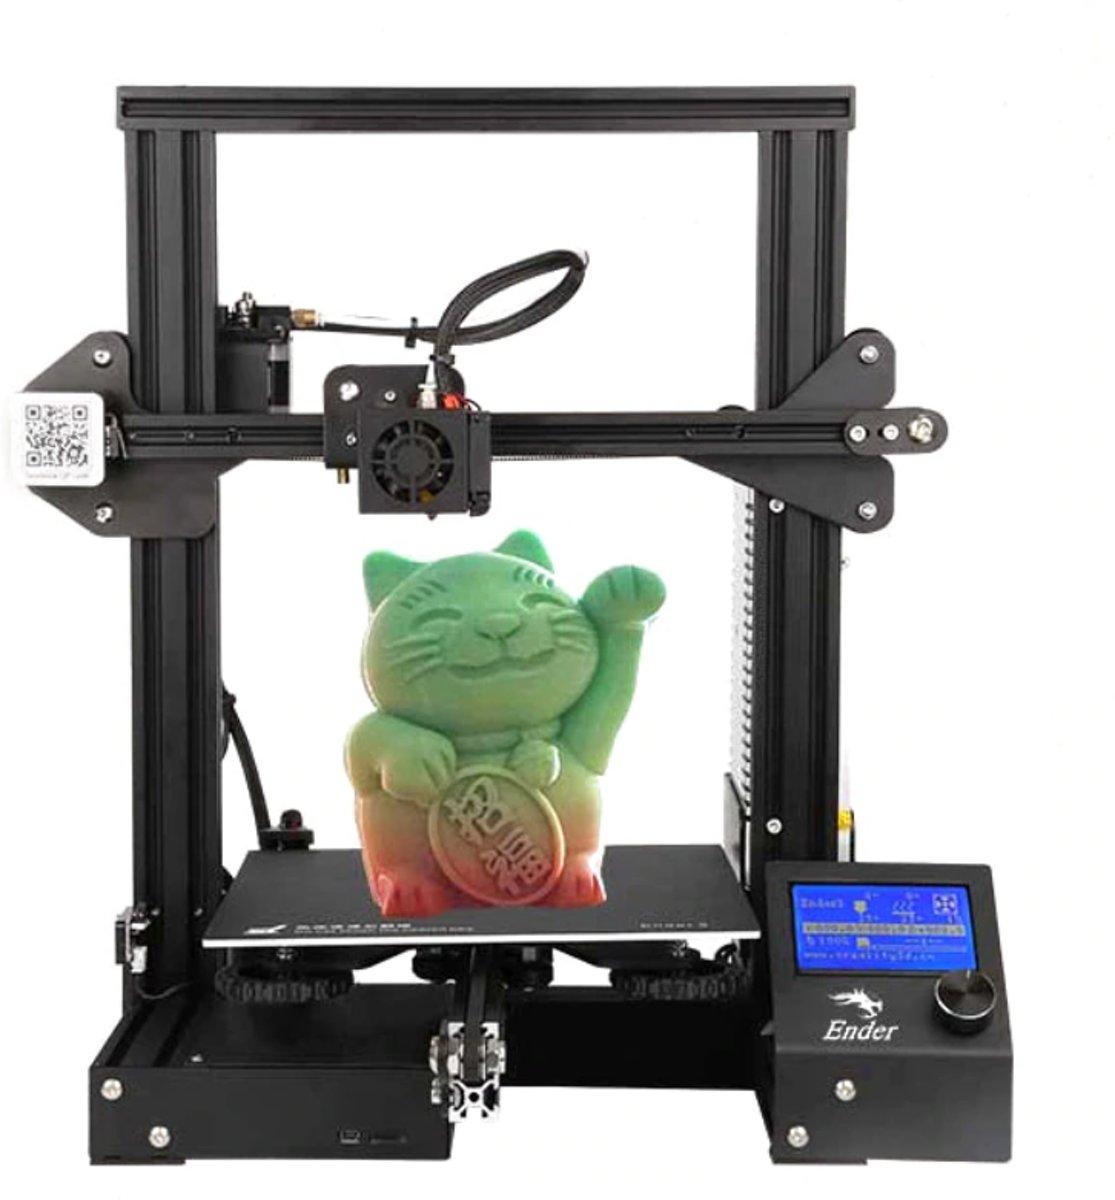 Ender 3 Creality 3D Printer